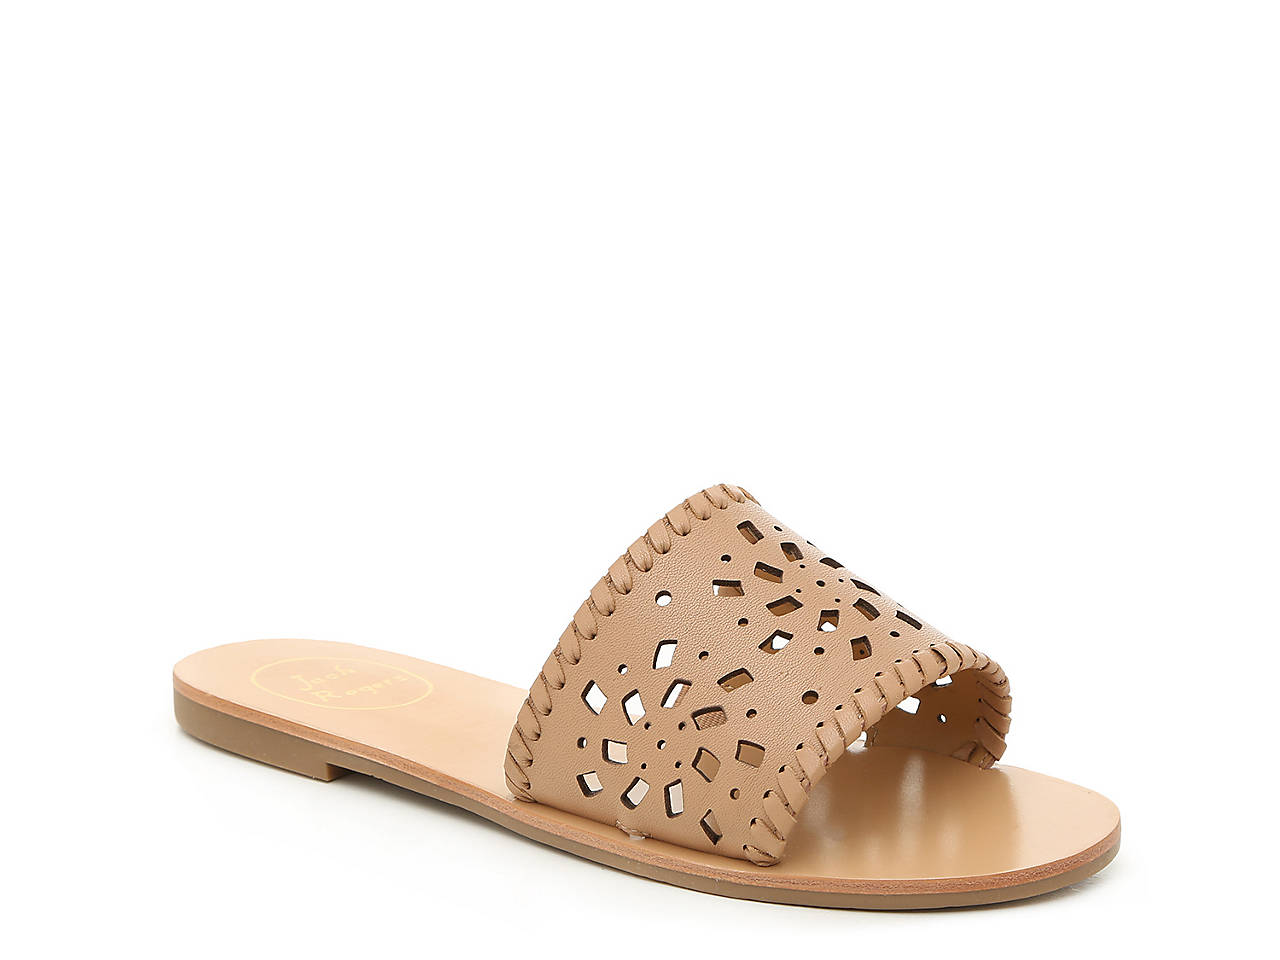 d0dcb63705a Jack Rogers Delilah Sandal Women's Shoes | DSW